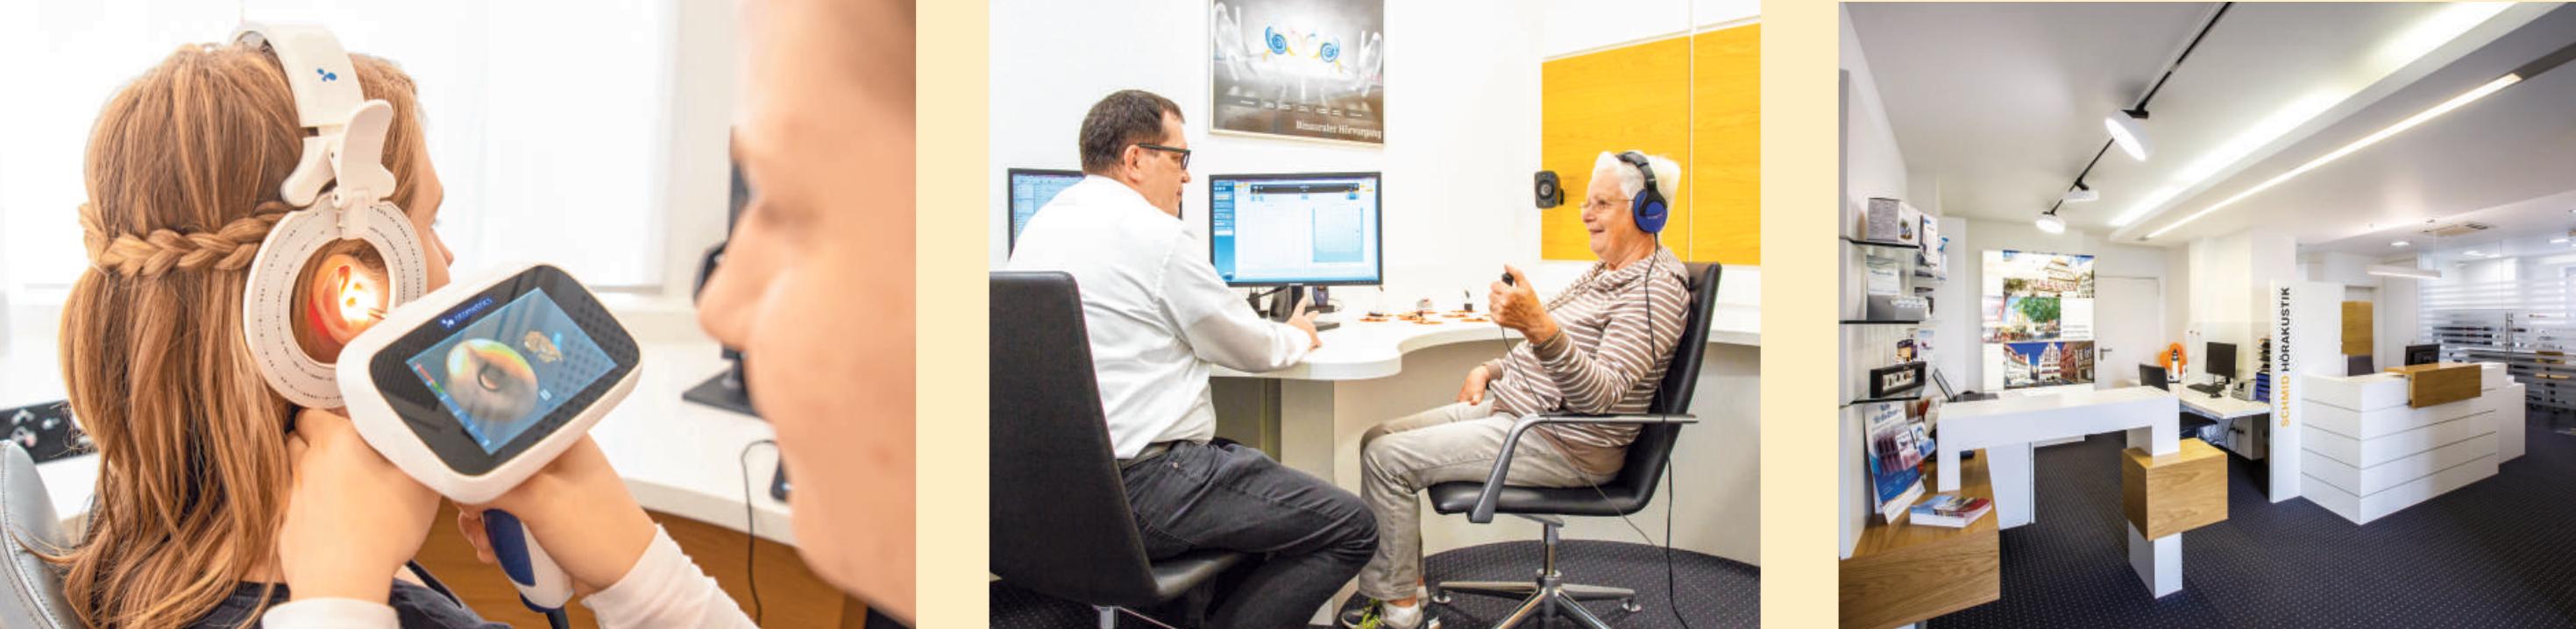 Das Ohr des Kunden wird mit dem 3D-Ohren-Scanner geprüft. Ein Hörtest wird immer zunächst beim Kunden gemacht, um zu sehen, welche Probleme es gibt. Das Ambiente von Schmid Hörakustik schafft bei den Kunden Vertrauen.